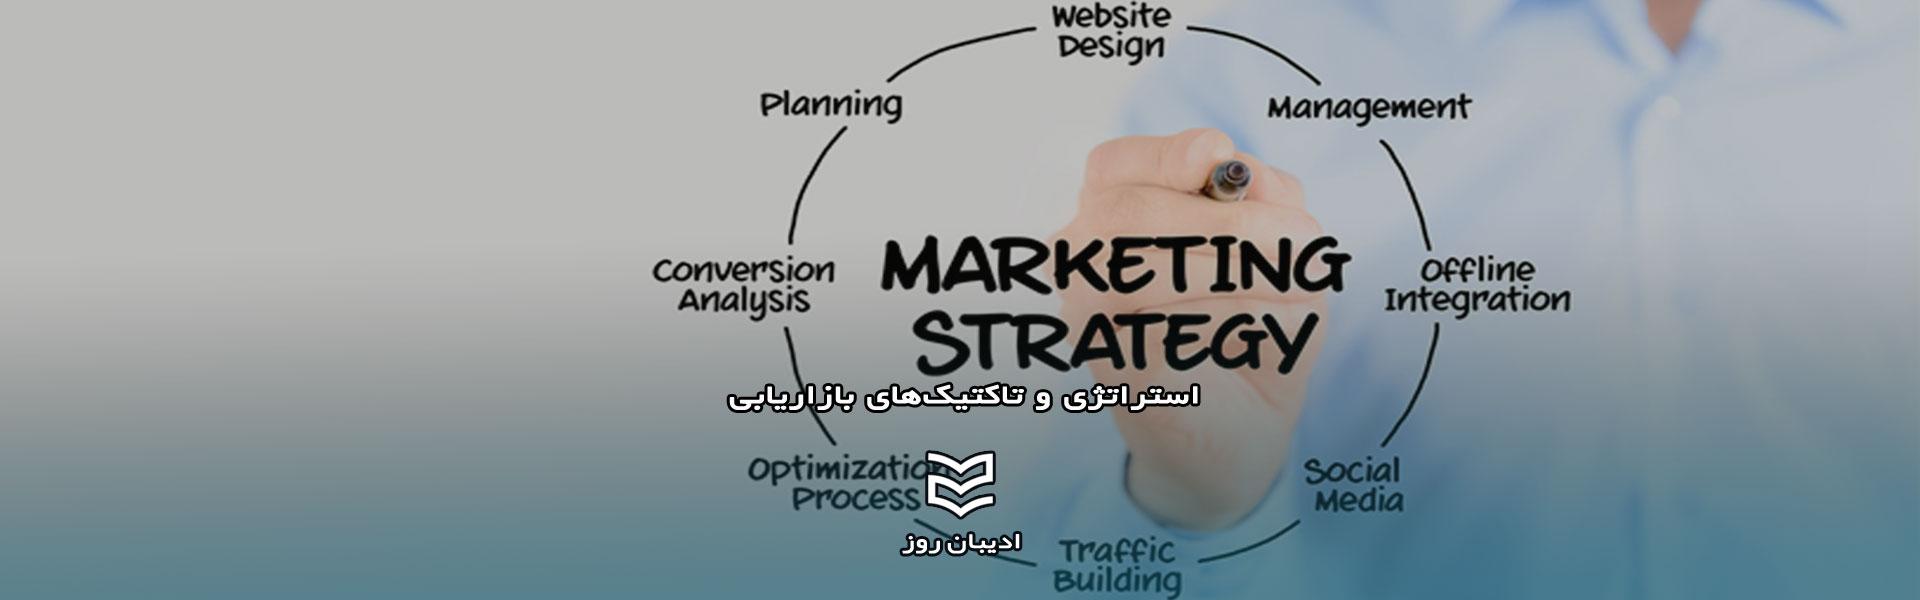 استراتژی و تاکتیکهای بازاریابی